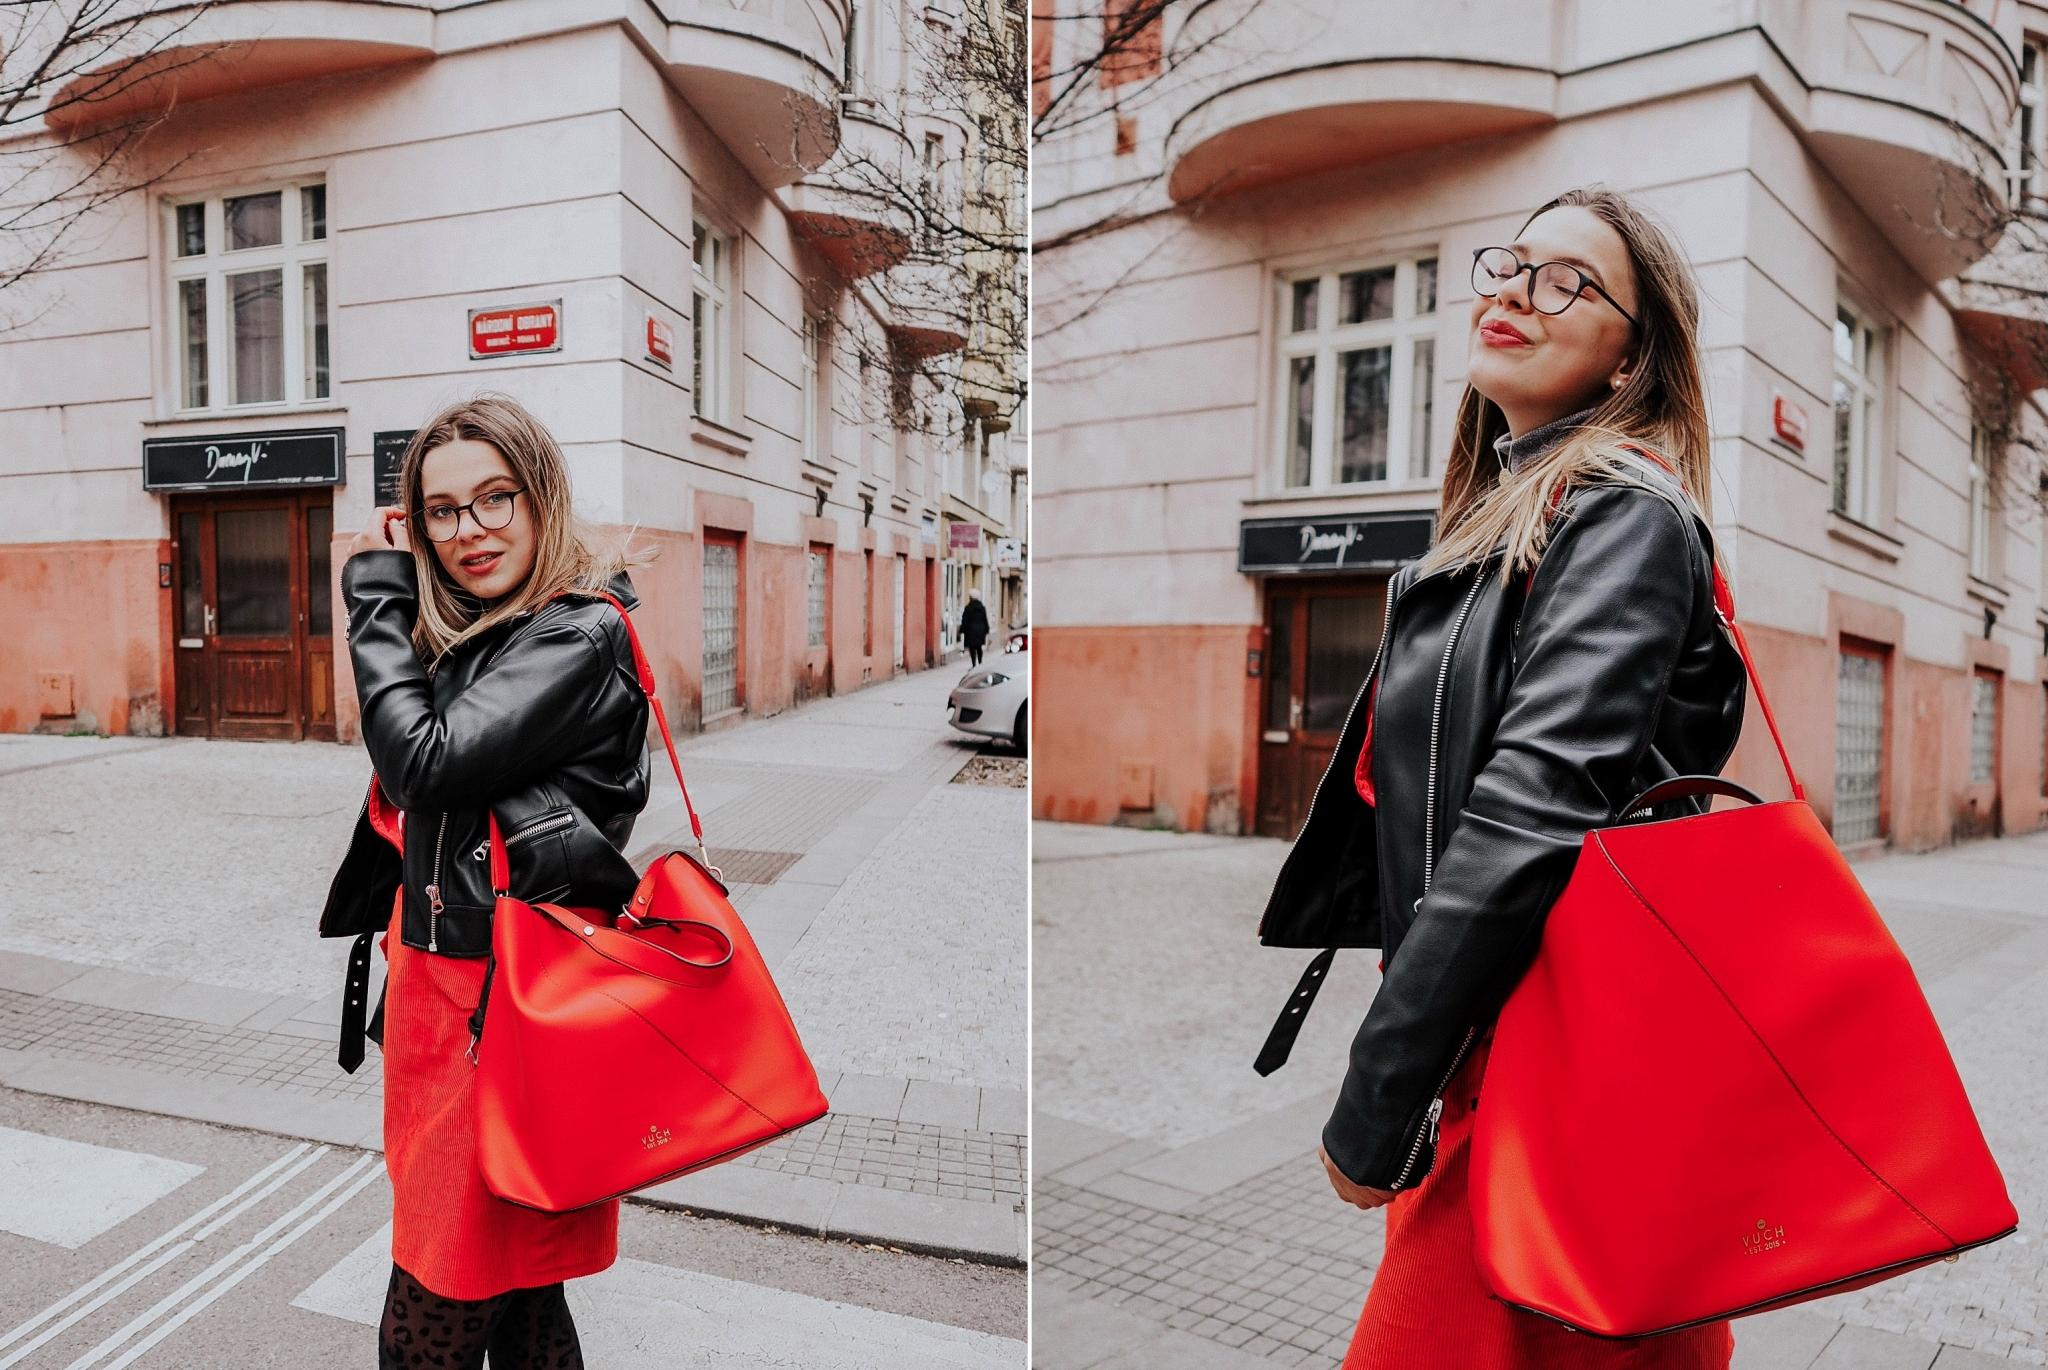 Natália, divatblogger és az utazás nagy szerelmese, betekintést engedett magánéletébe!